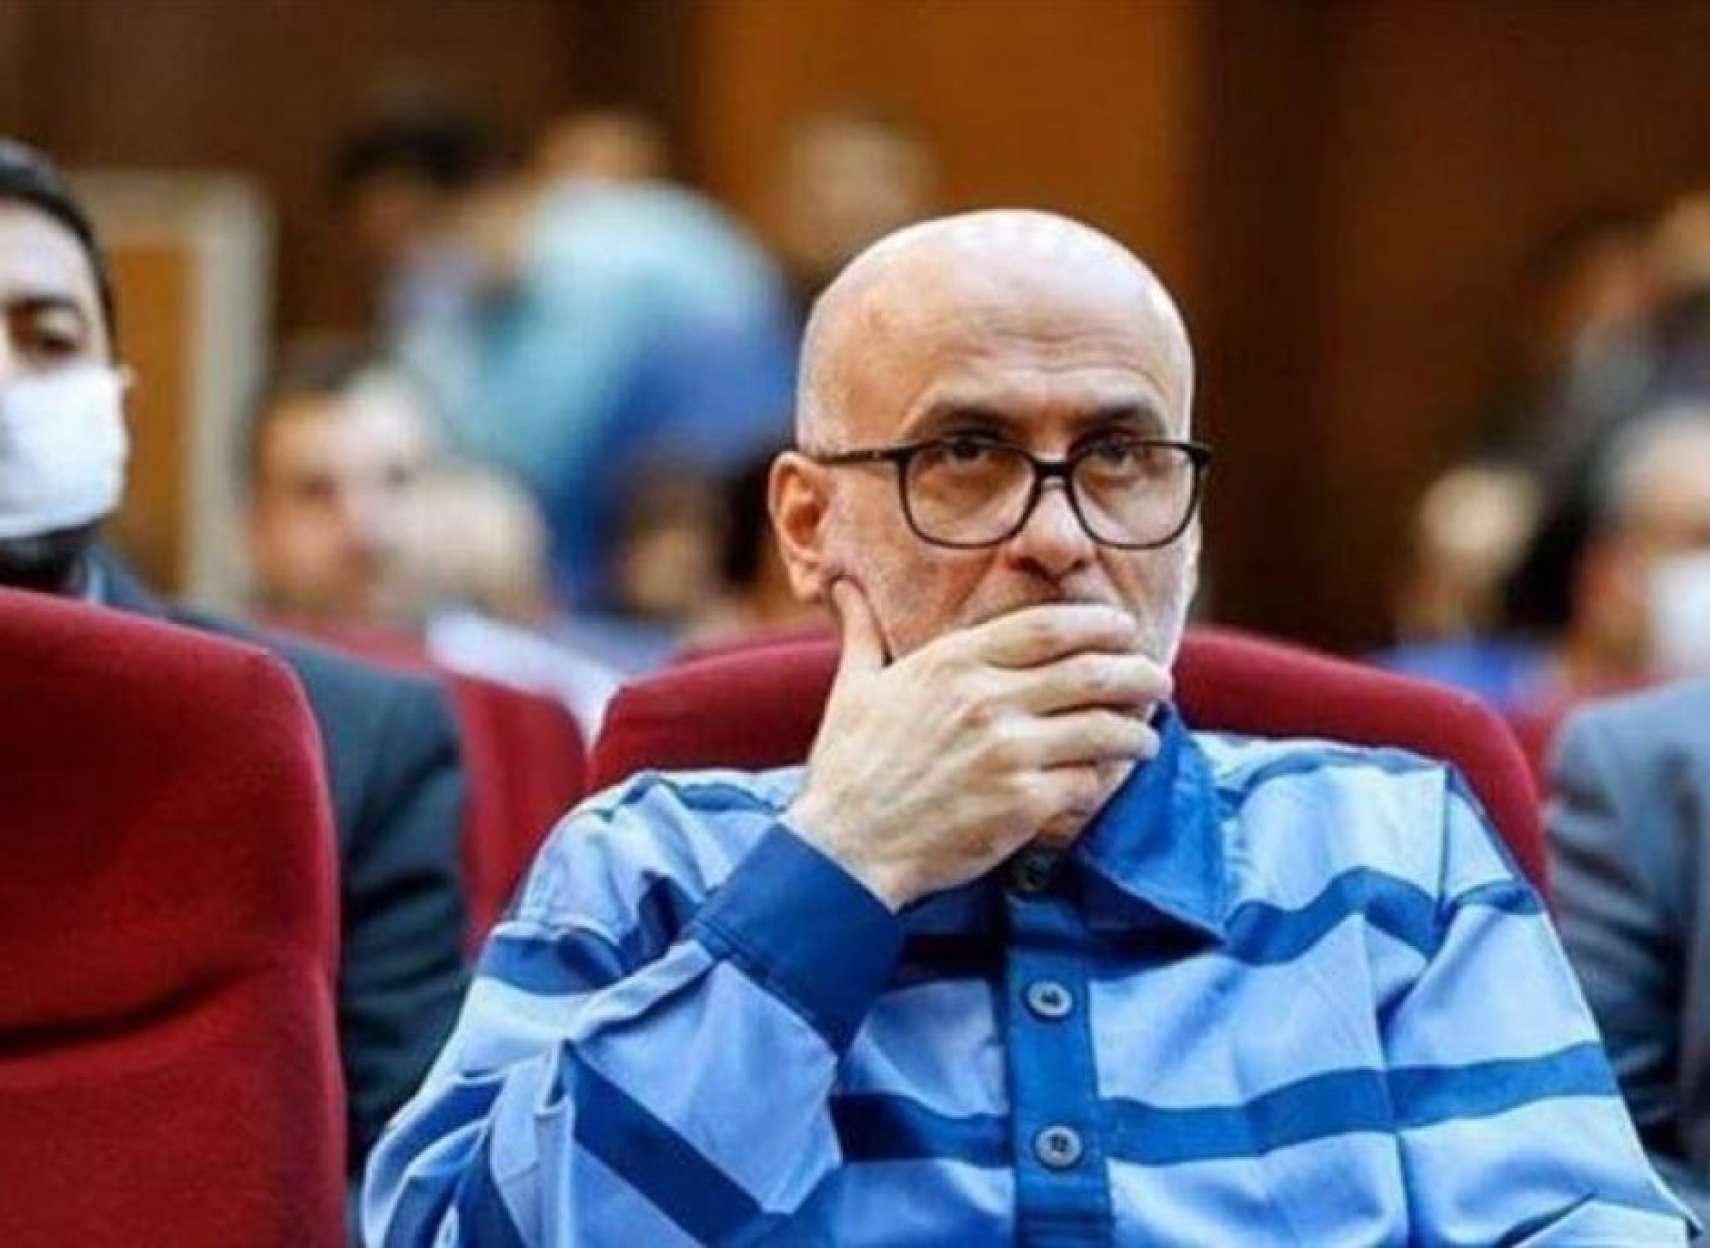 31-سال-حبس-برای-اکبر-طبری-در-روز-اعدام-نوید-افکاری-باز-خوانی-ارتباطات-پرونده-اکبر- طبری-با-کانادا